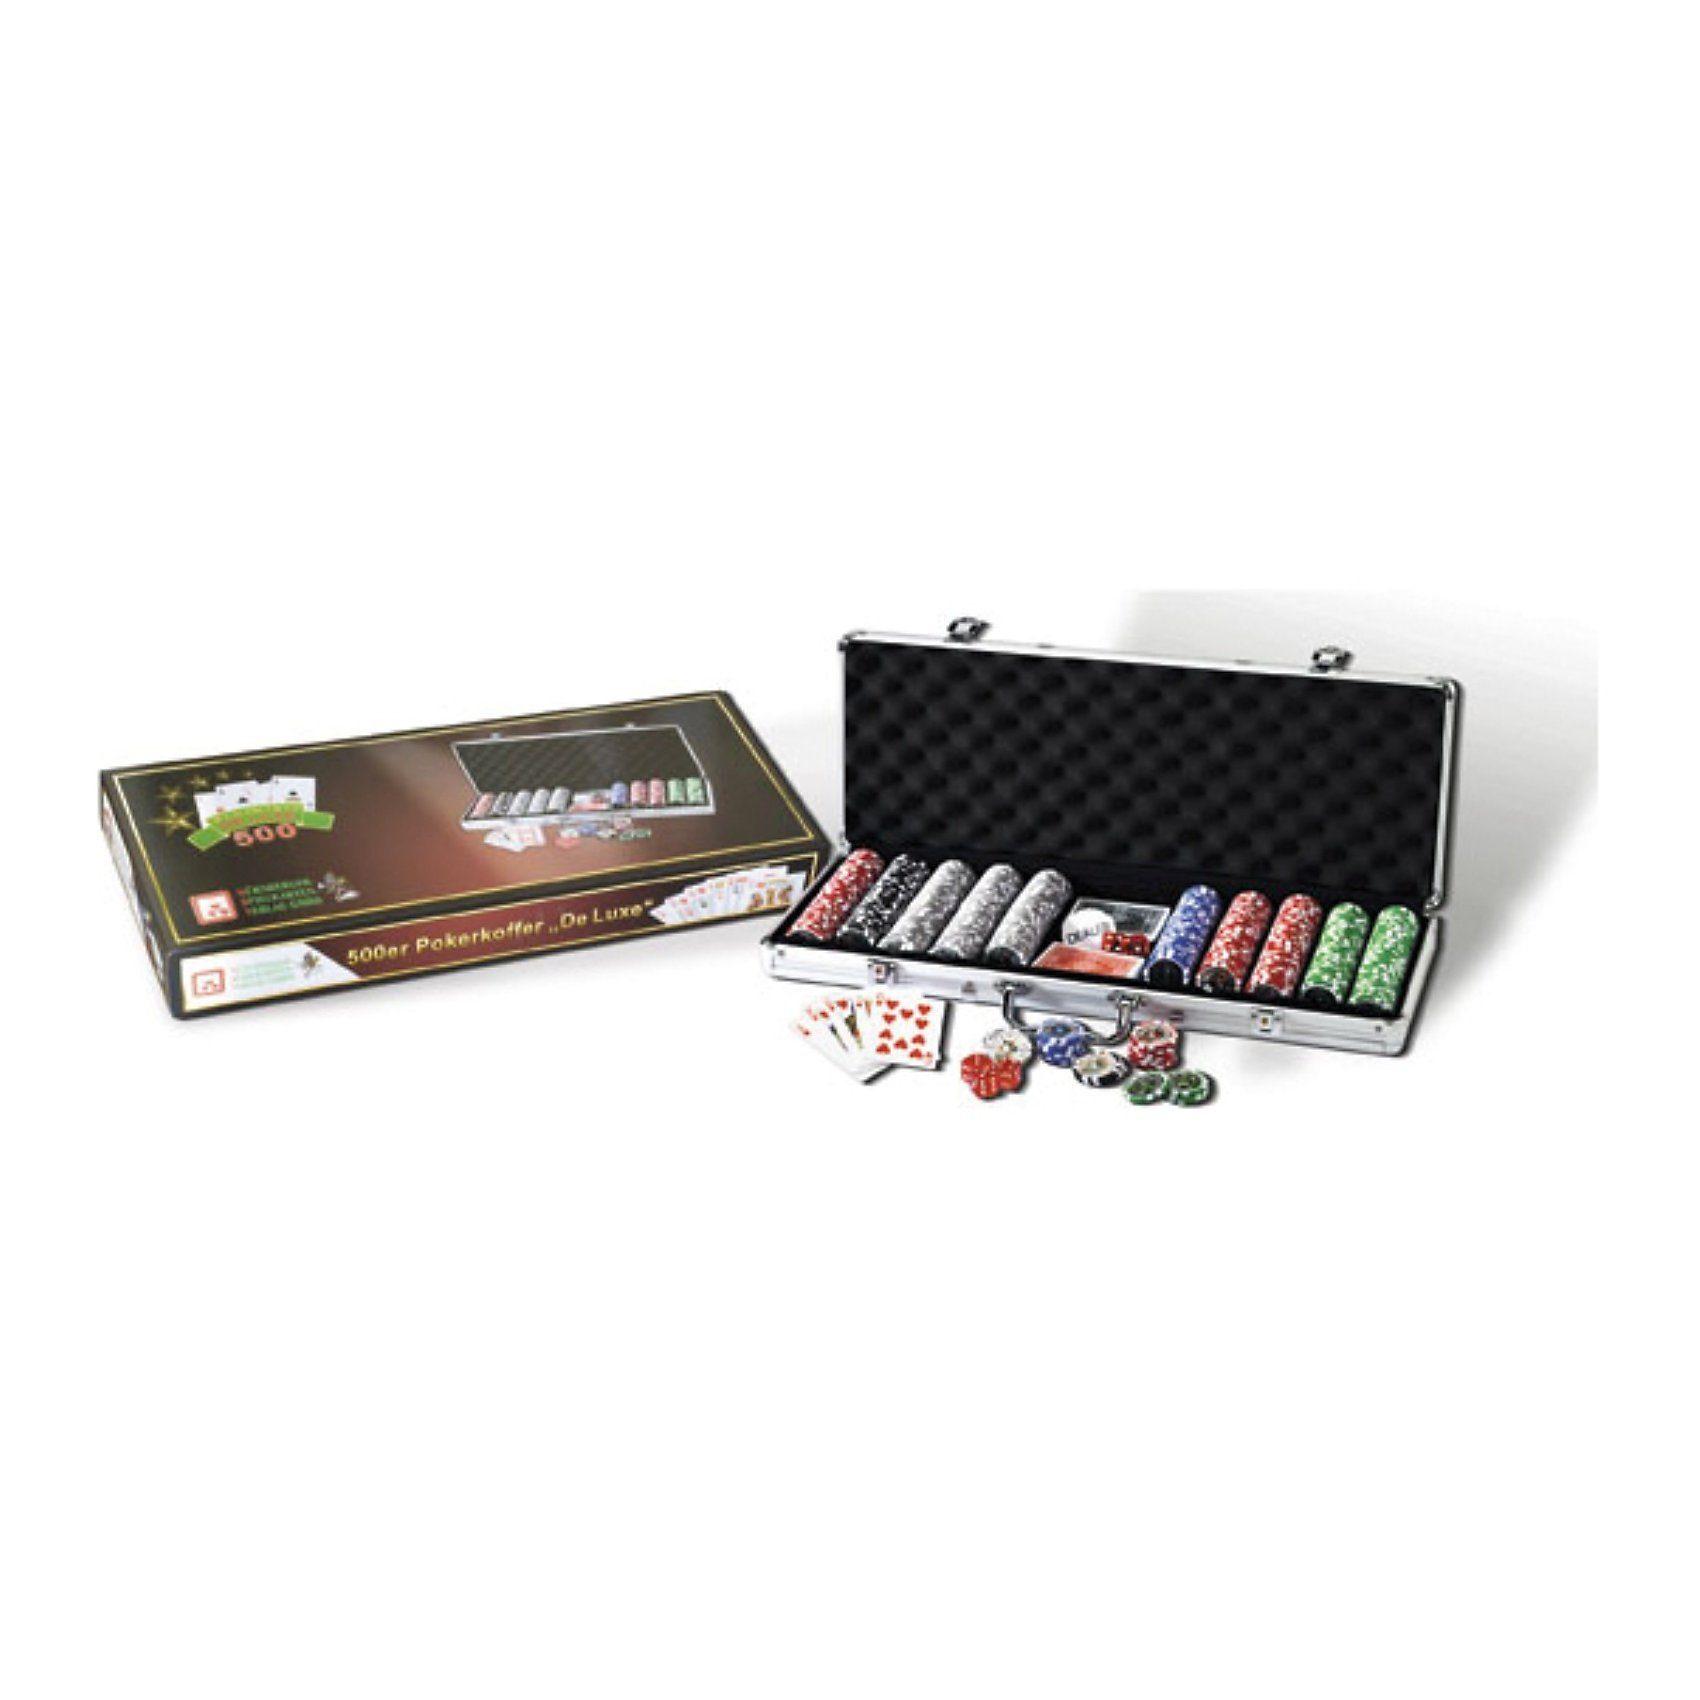 """Nürnberger Spielkarten 500er PokerSet """"De Luxe"""""""